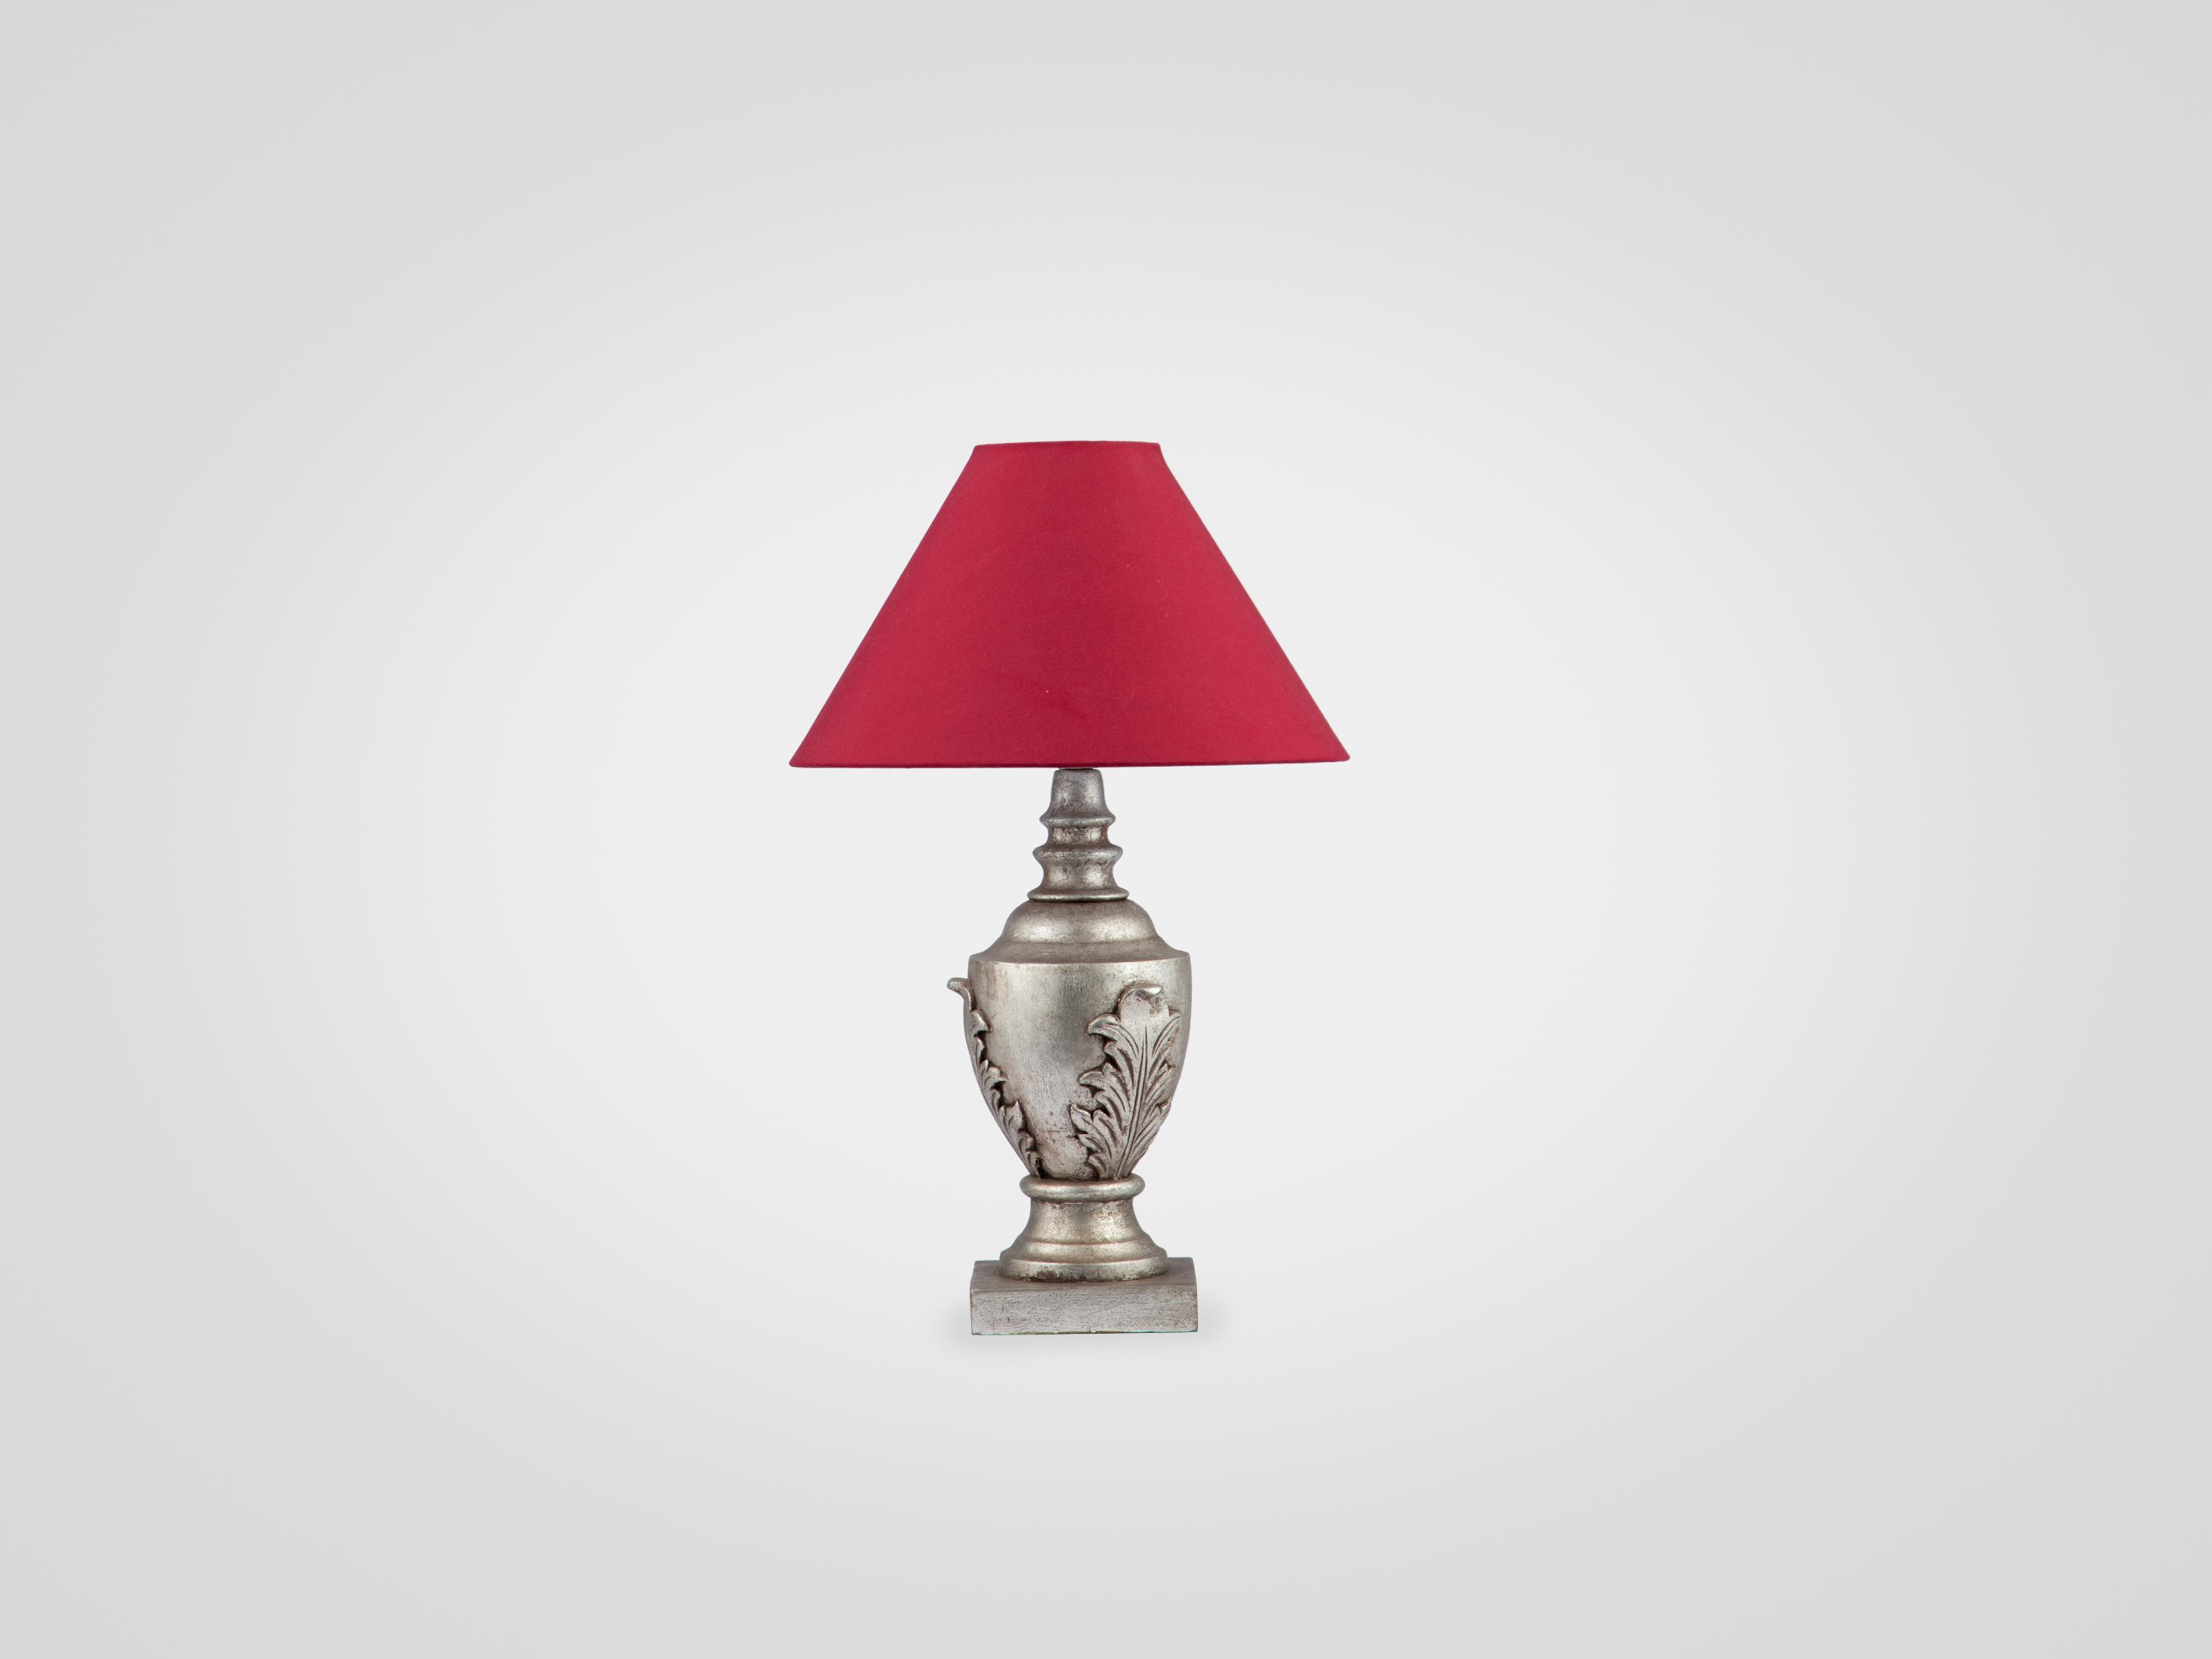 Купить Лампа настольная на ножке из дерева махагони с красным абажуром, inmyroom, Индонезия